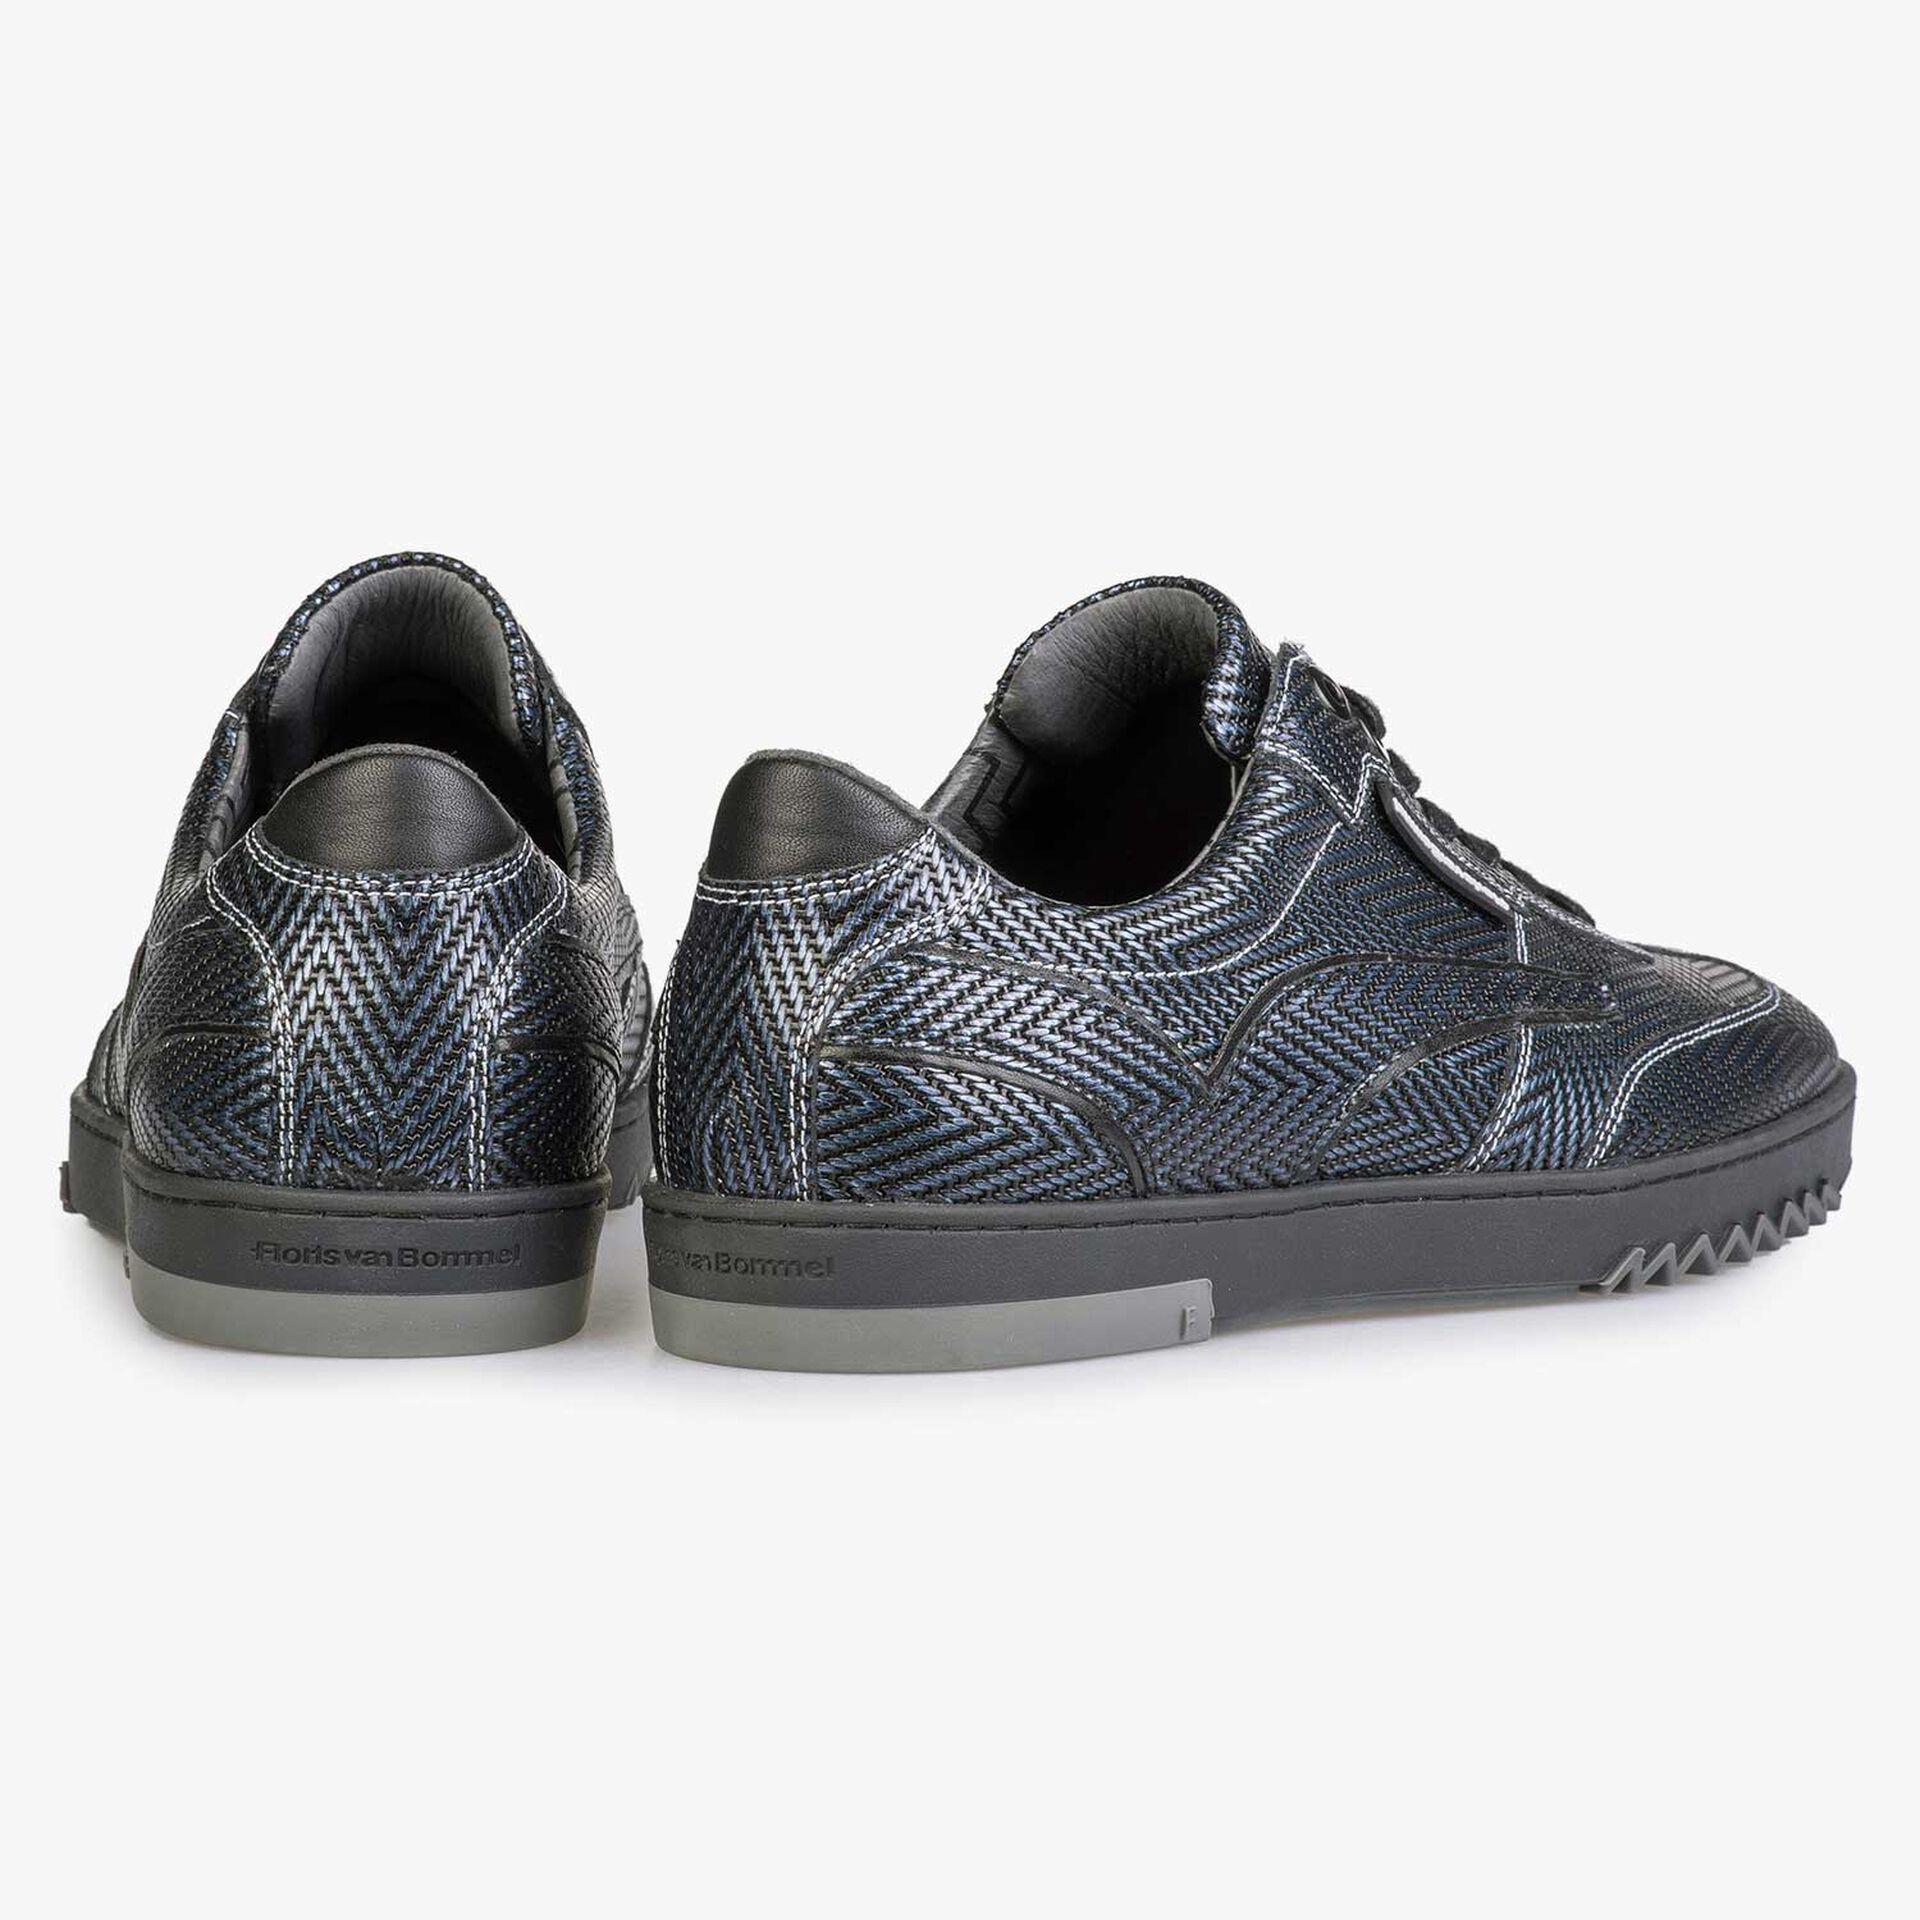 Blue Premium sneaker with herringbone pattern